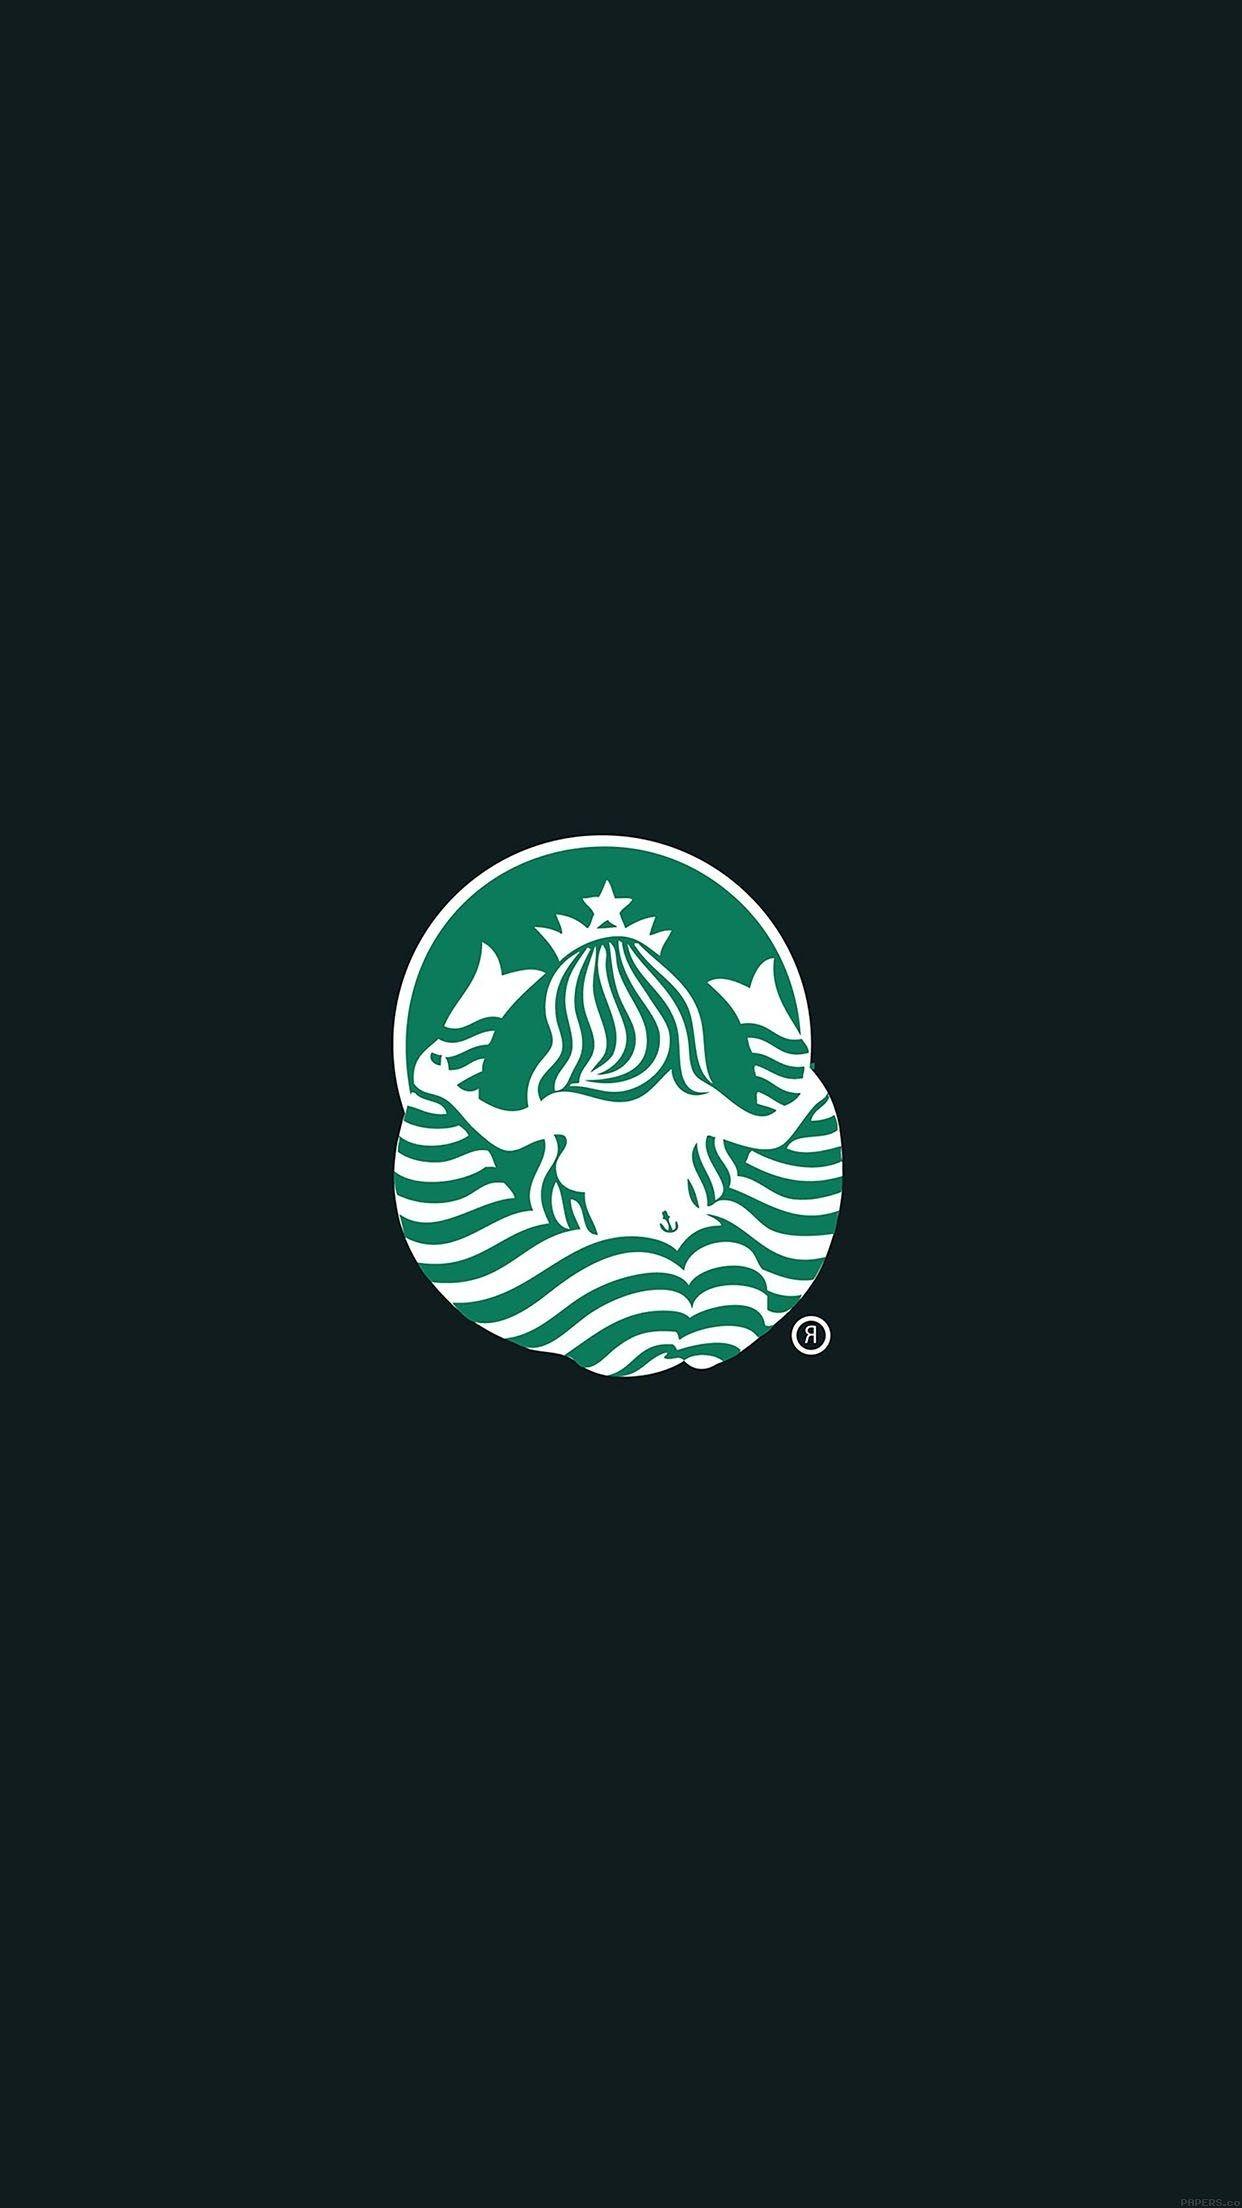 Fondosdepantallastarbuckswallpaperskawaiicoffee